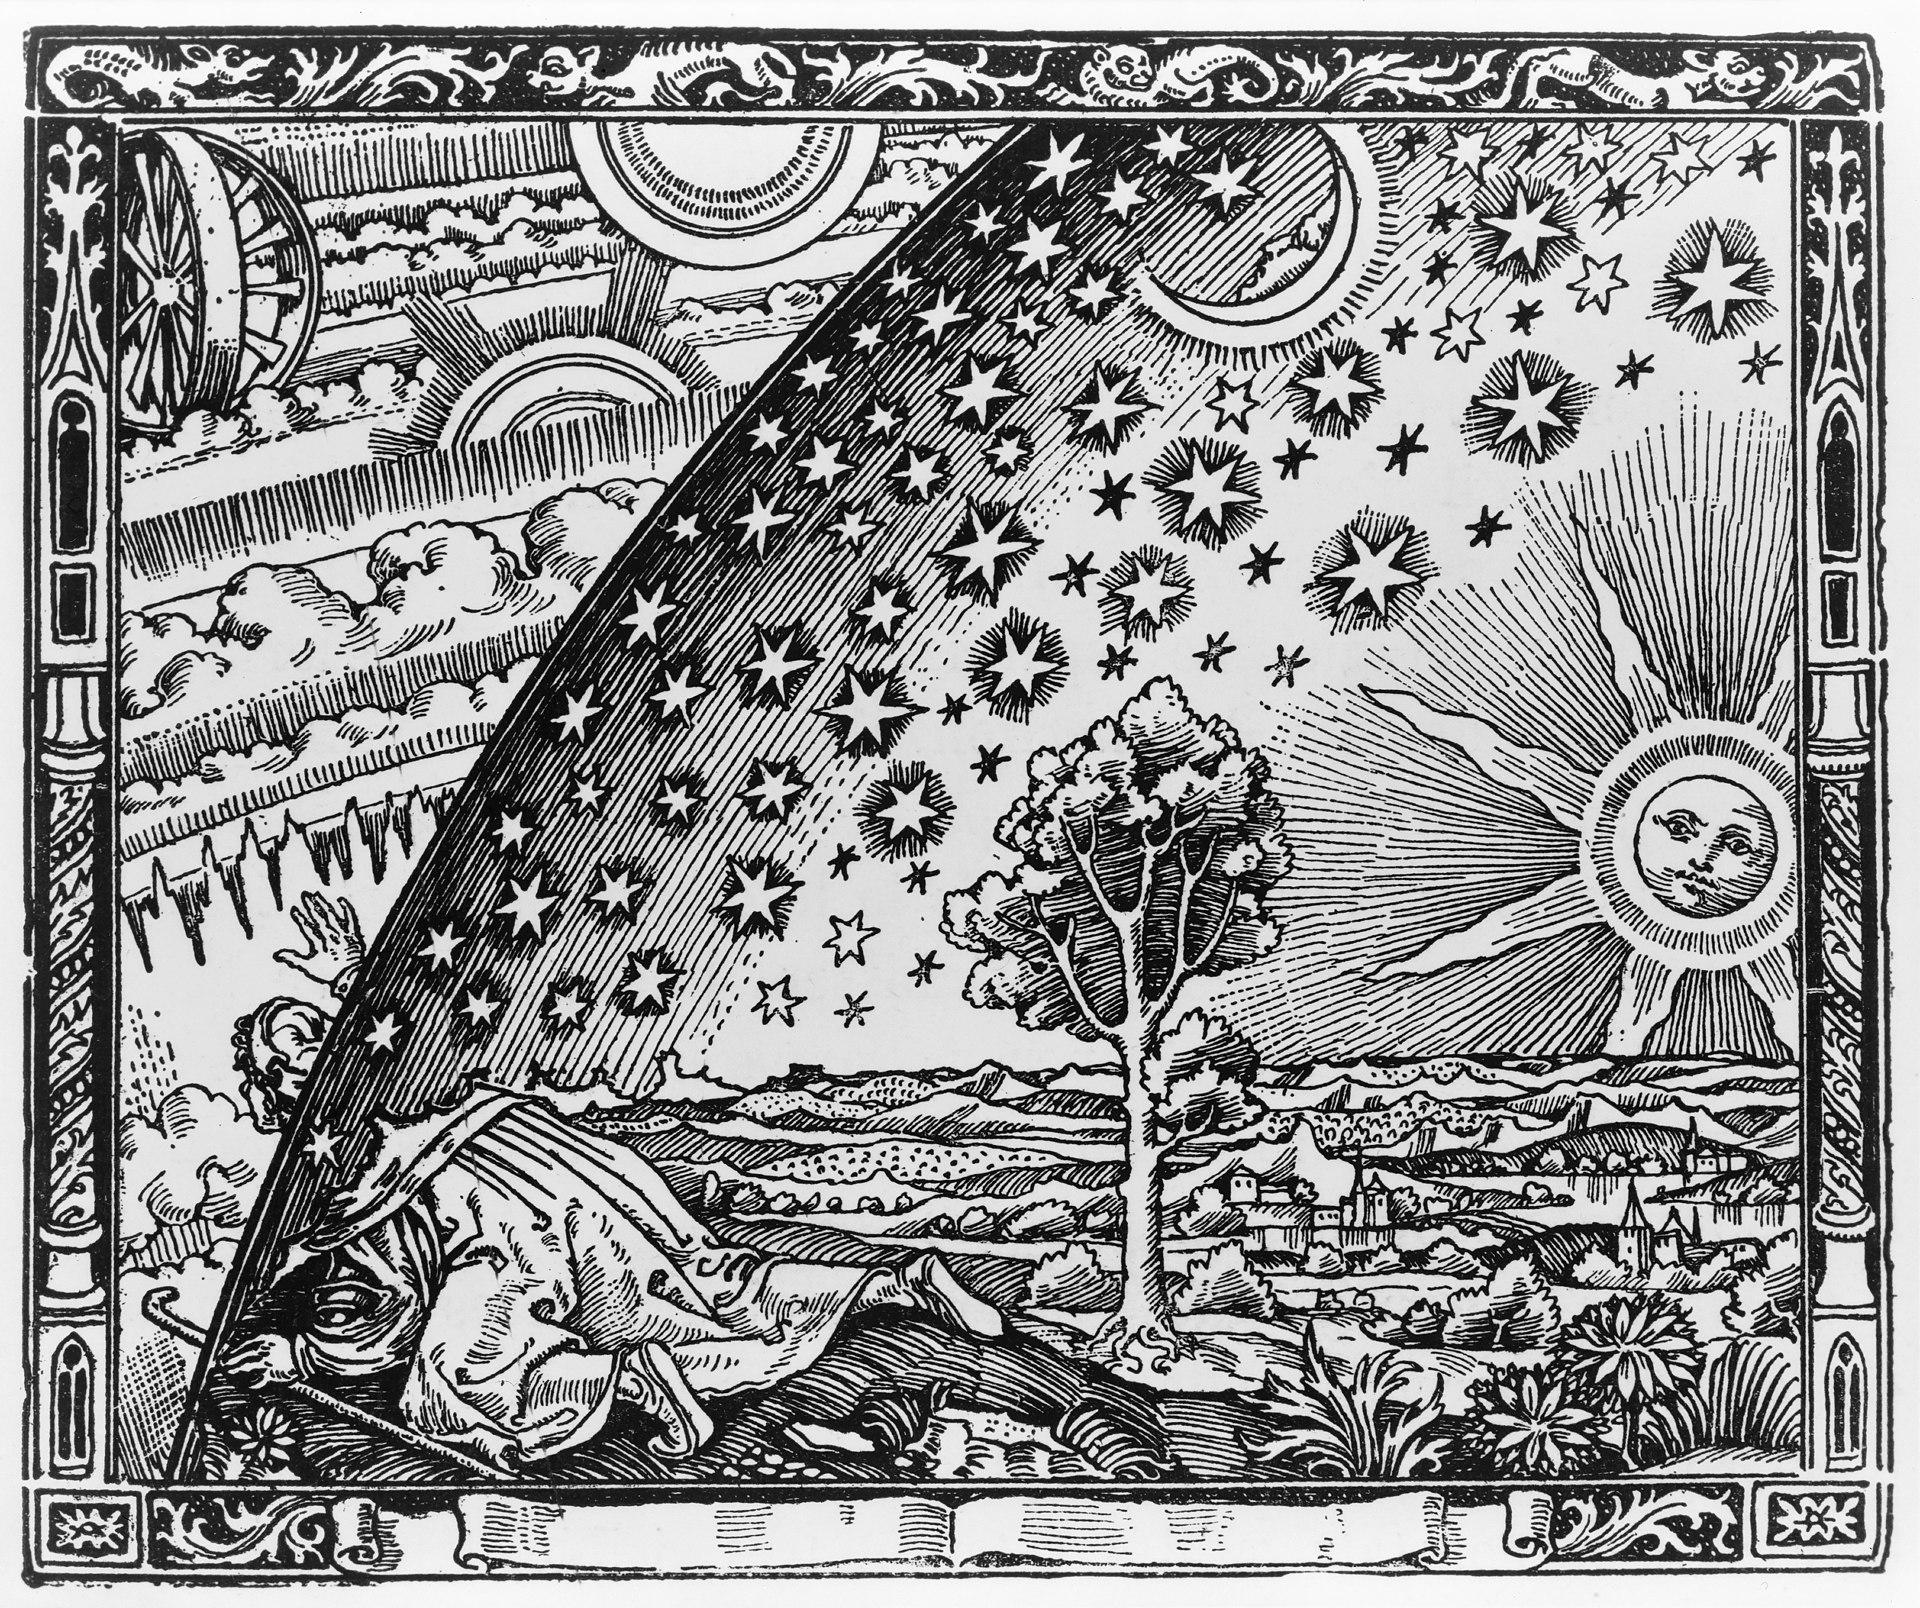 Anonymous - Camille Flammarion, L'Atmosphère: Météorologie Populaire (Paris, 1888)